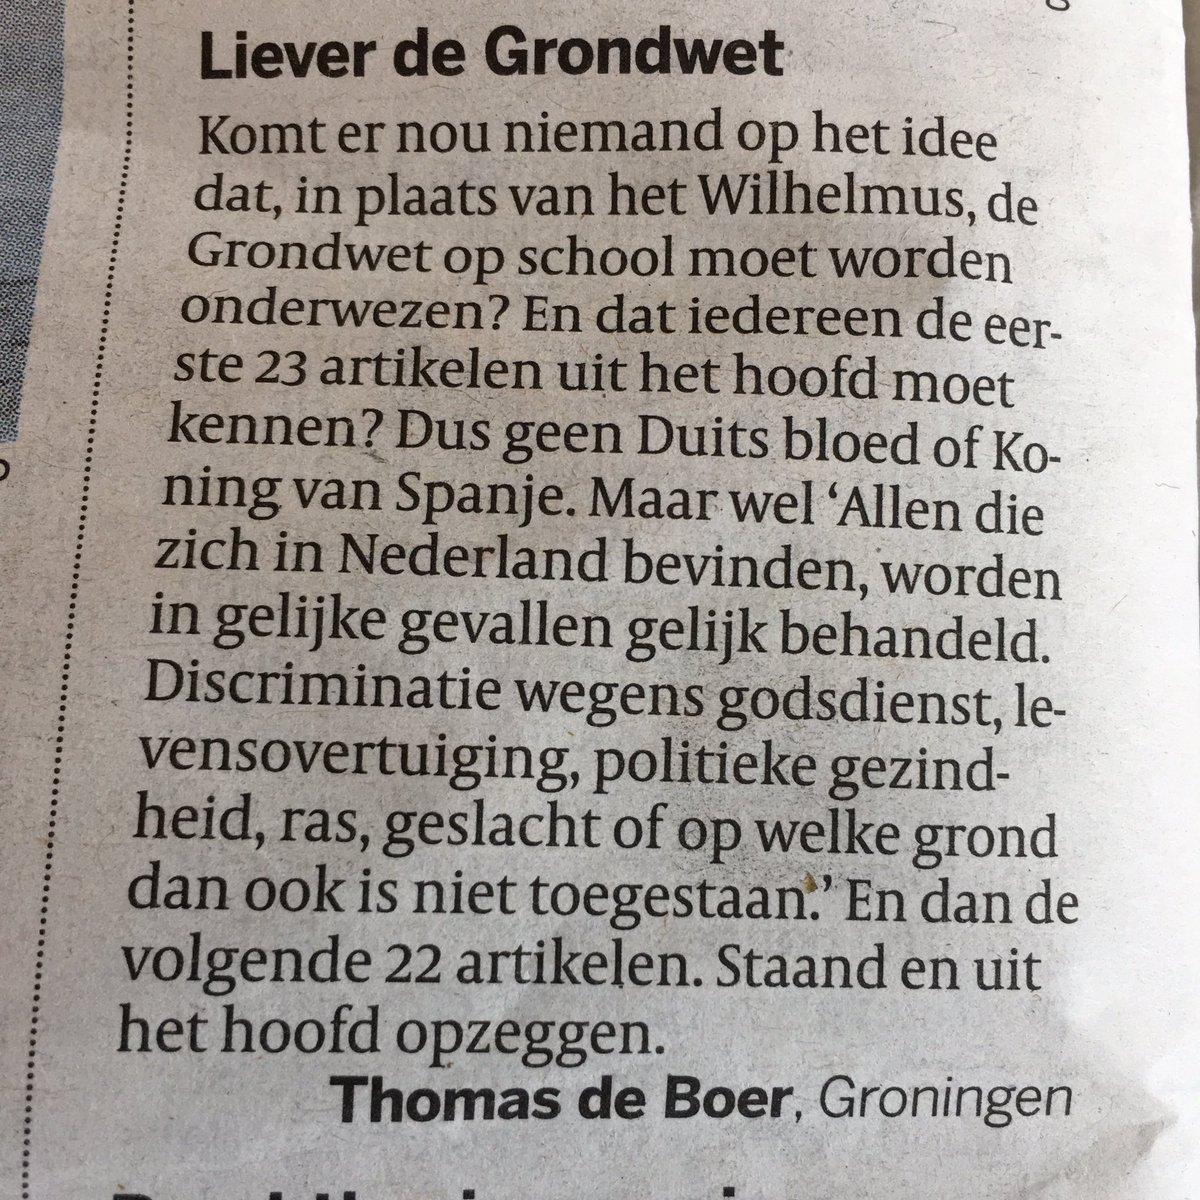 RT @dusseldorp: Wat een goed idee. Ingezonden brief Volkskrant vandaag. https://t.co/OLmDda4BJR